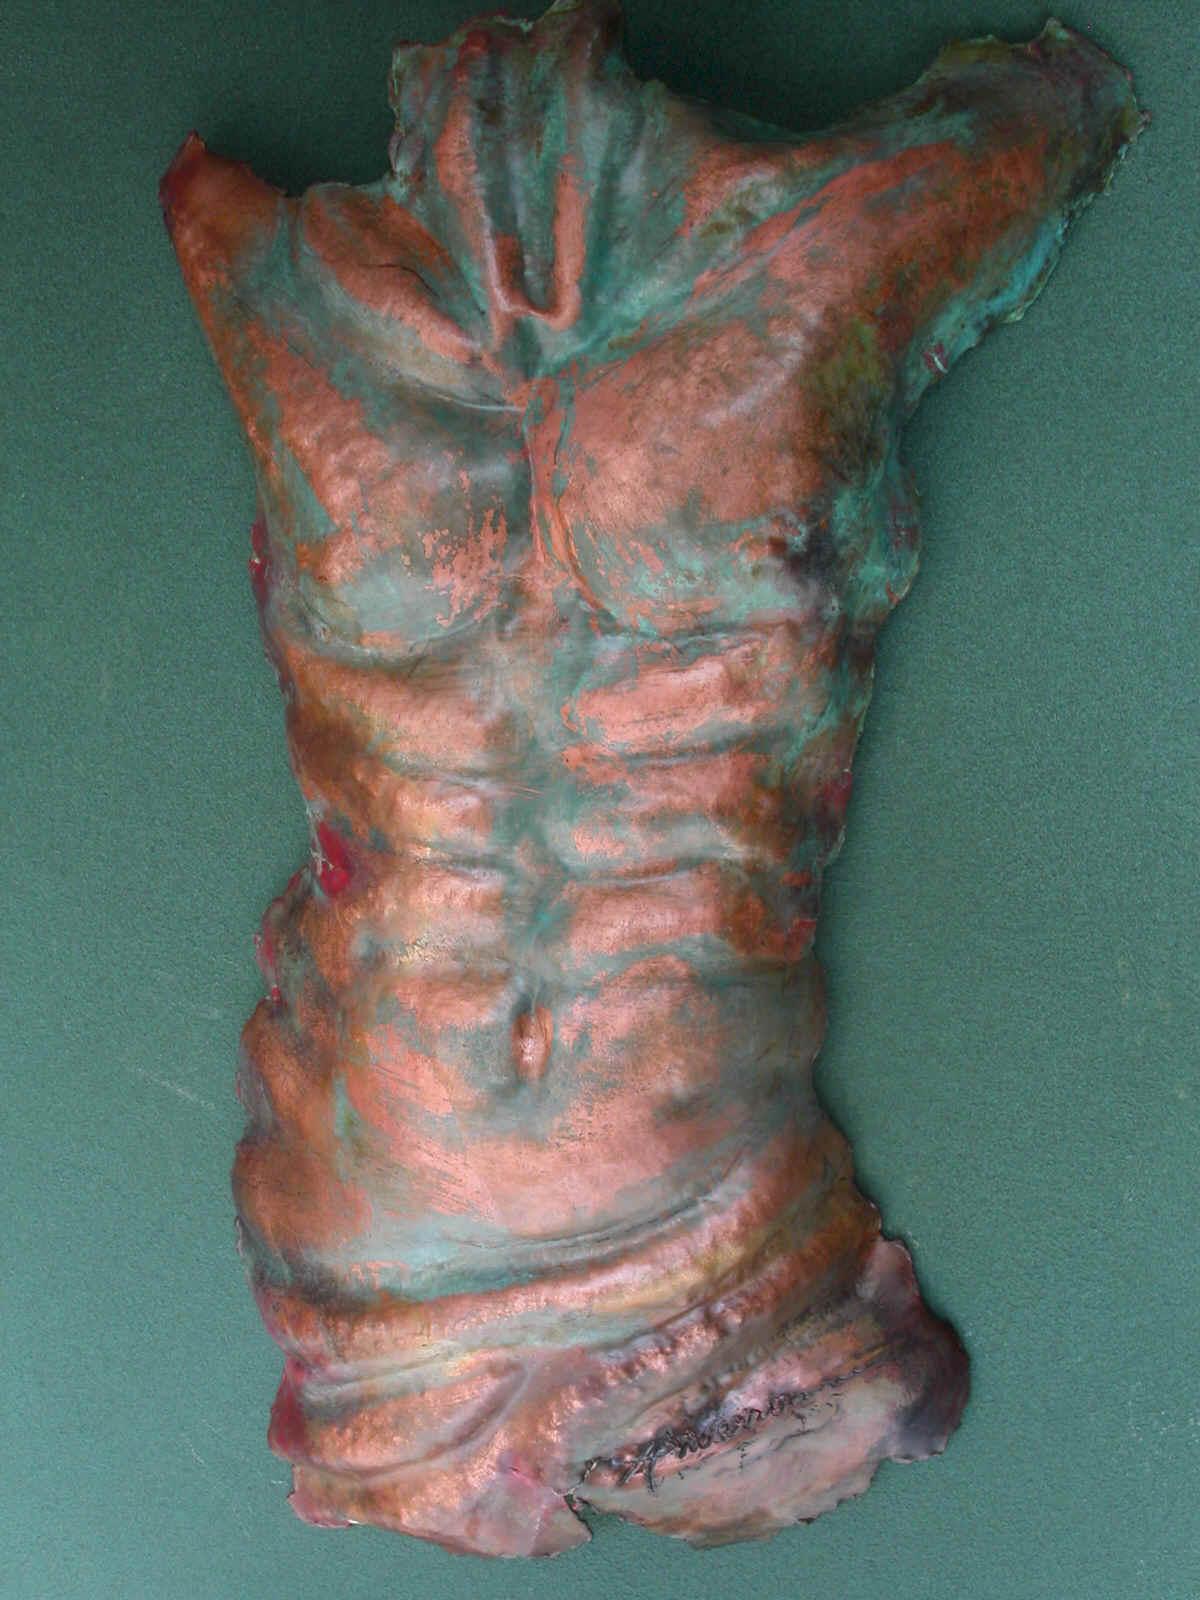 male_muscles_andersons_metal_sculpture.jpg